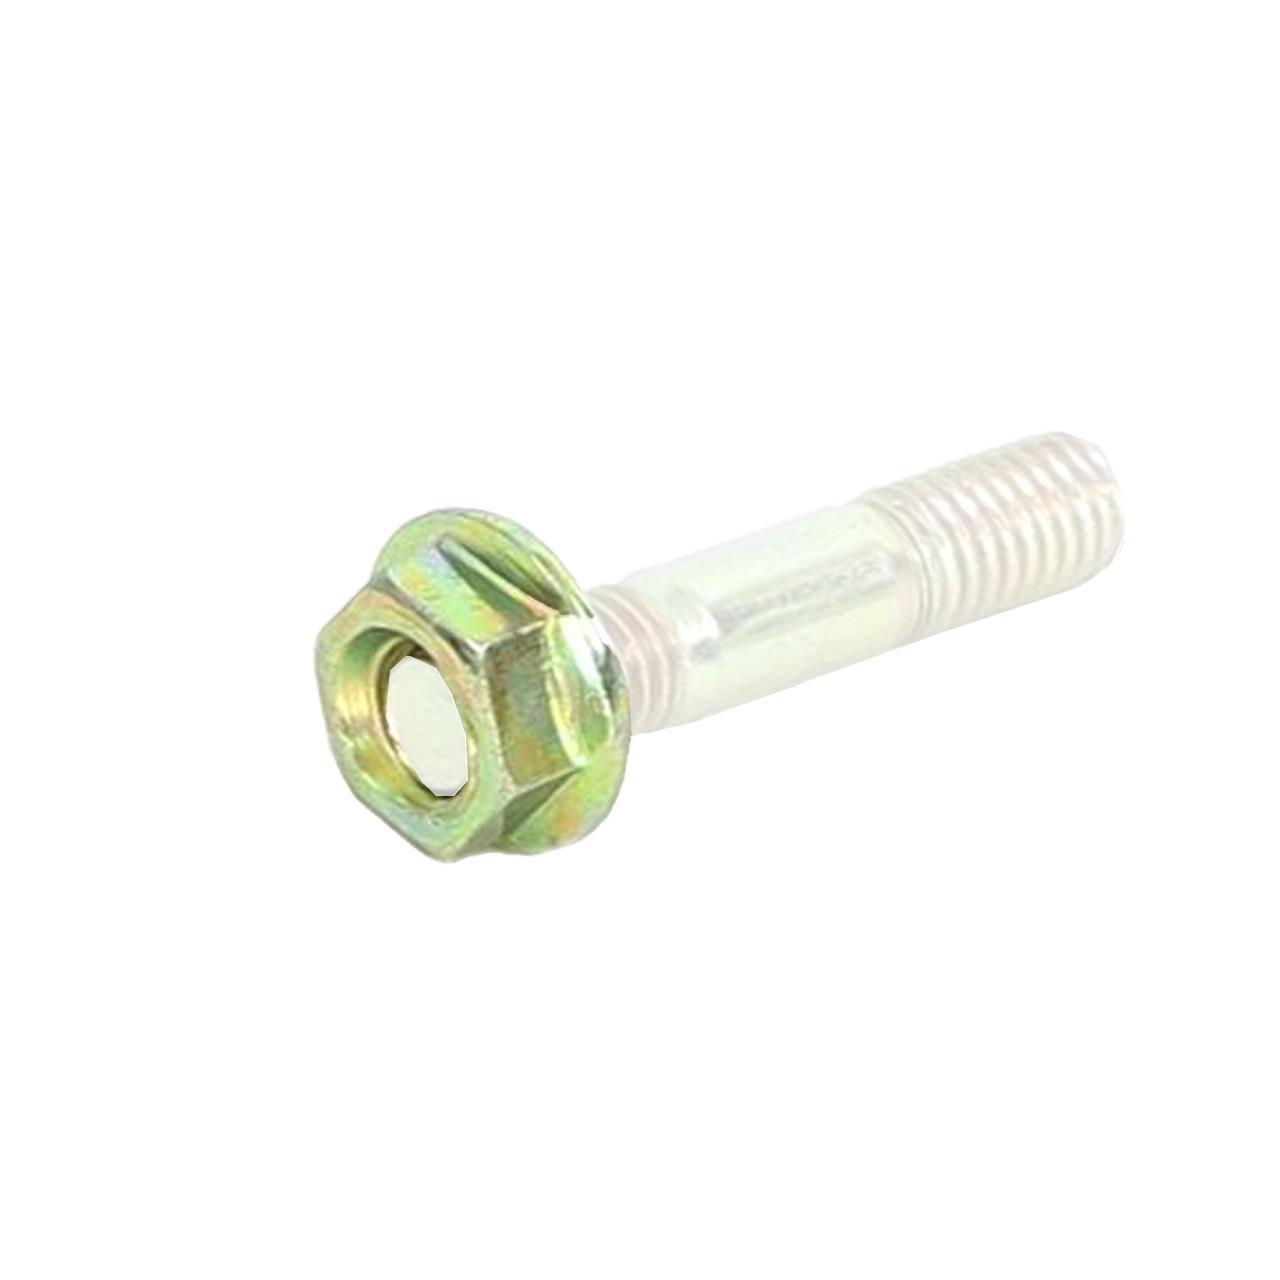 Schwertmutter FX-KS162 / FX-CS6150